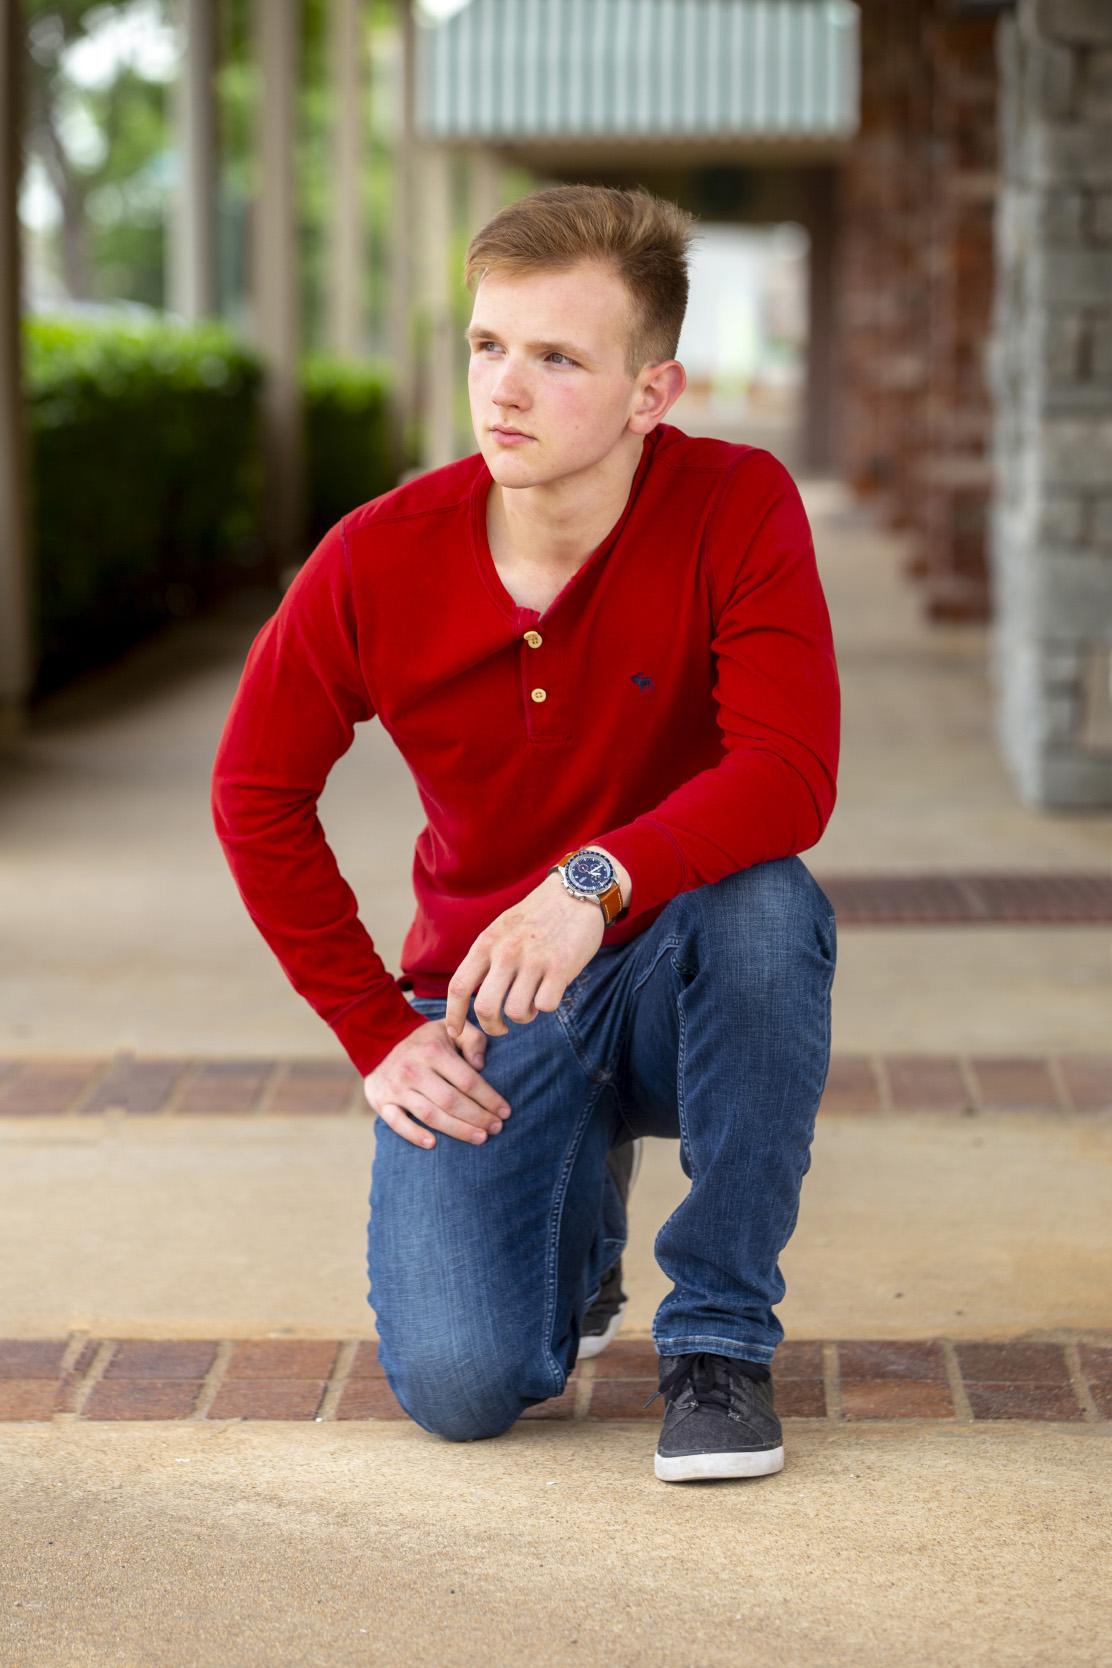 Tulsa-talent-male-models-professional-_7940a.jpg